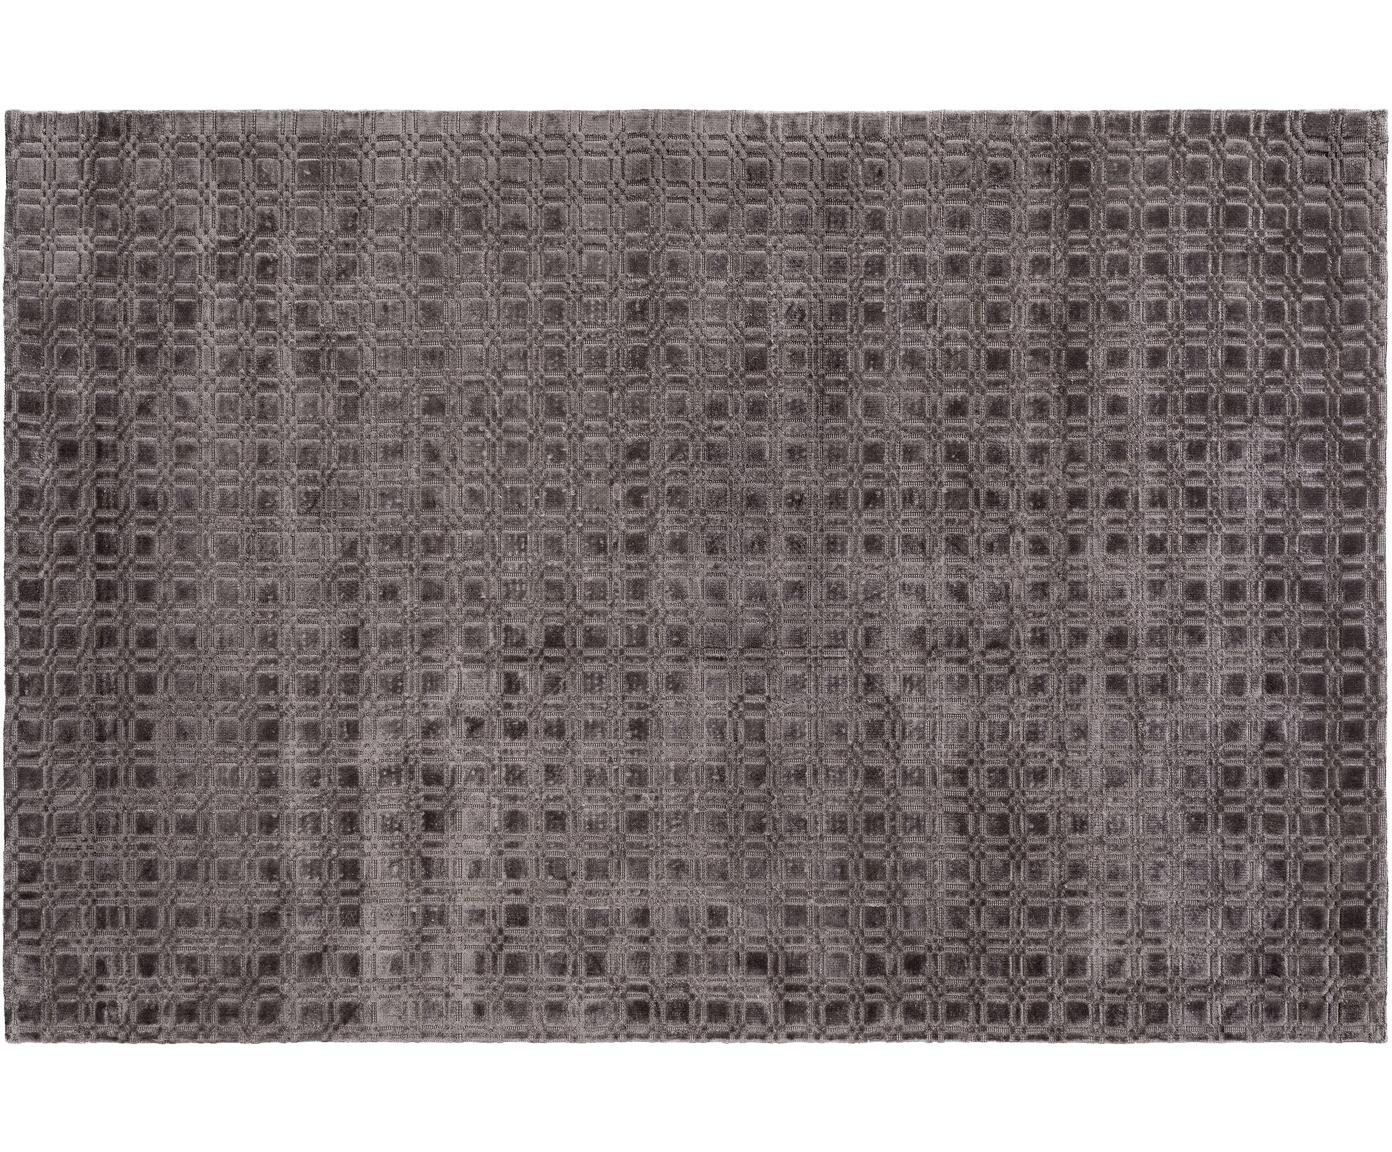 Tappeto in viscosa tessuto a mano Nelson, Viscosa, Grigio, Larg. 140 x Lung. 200 cm (taglia S)